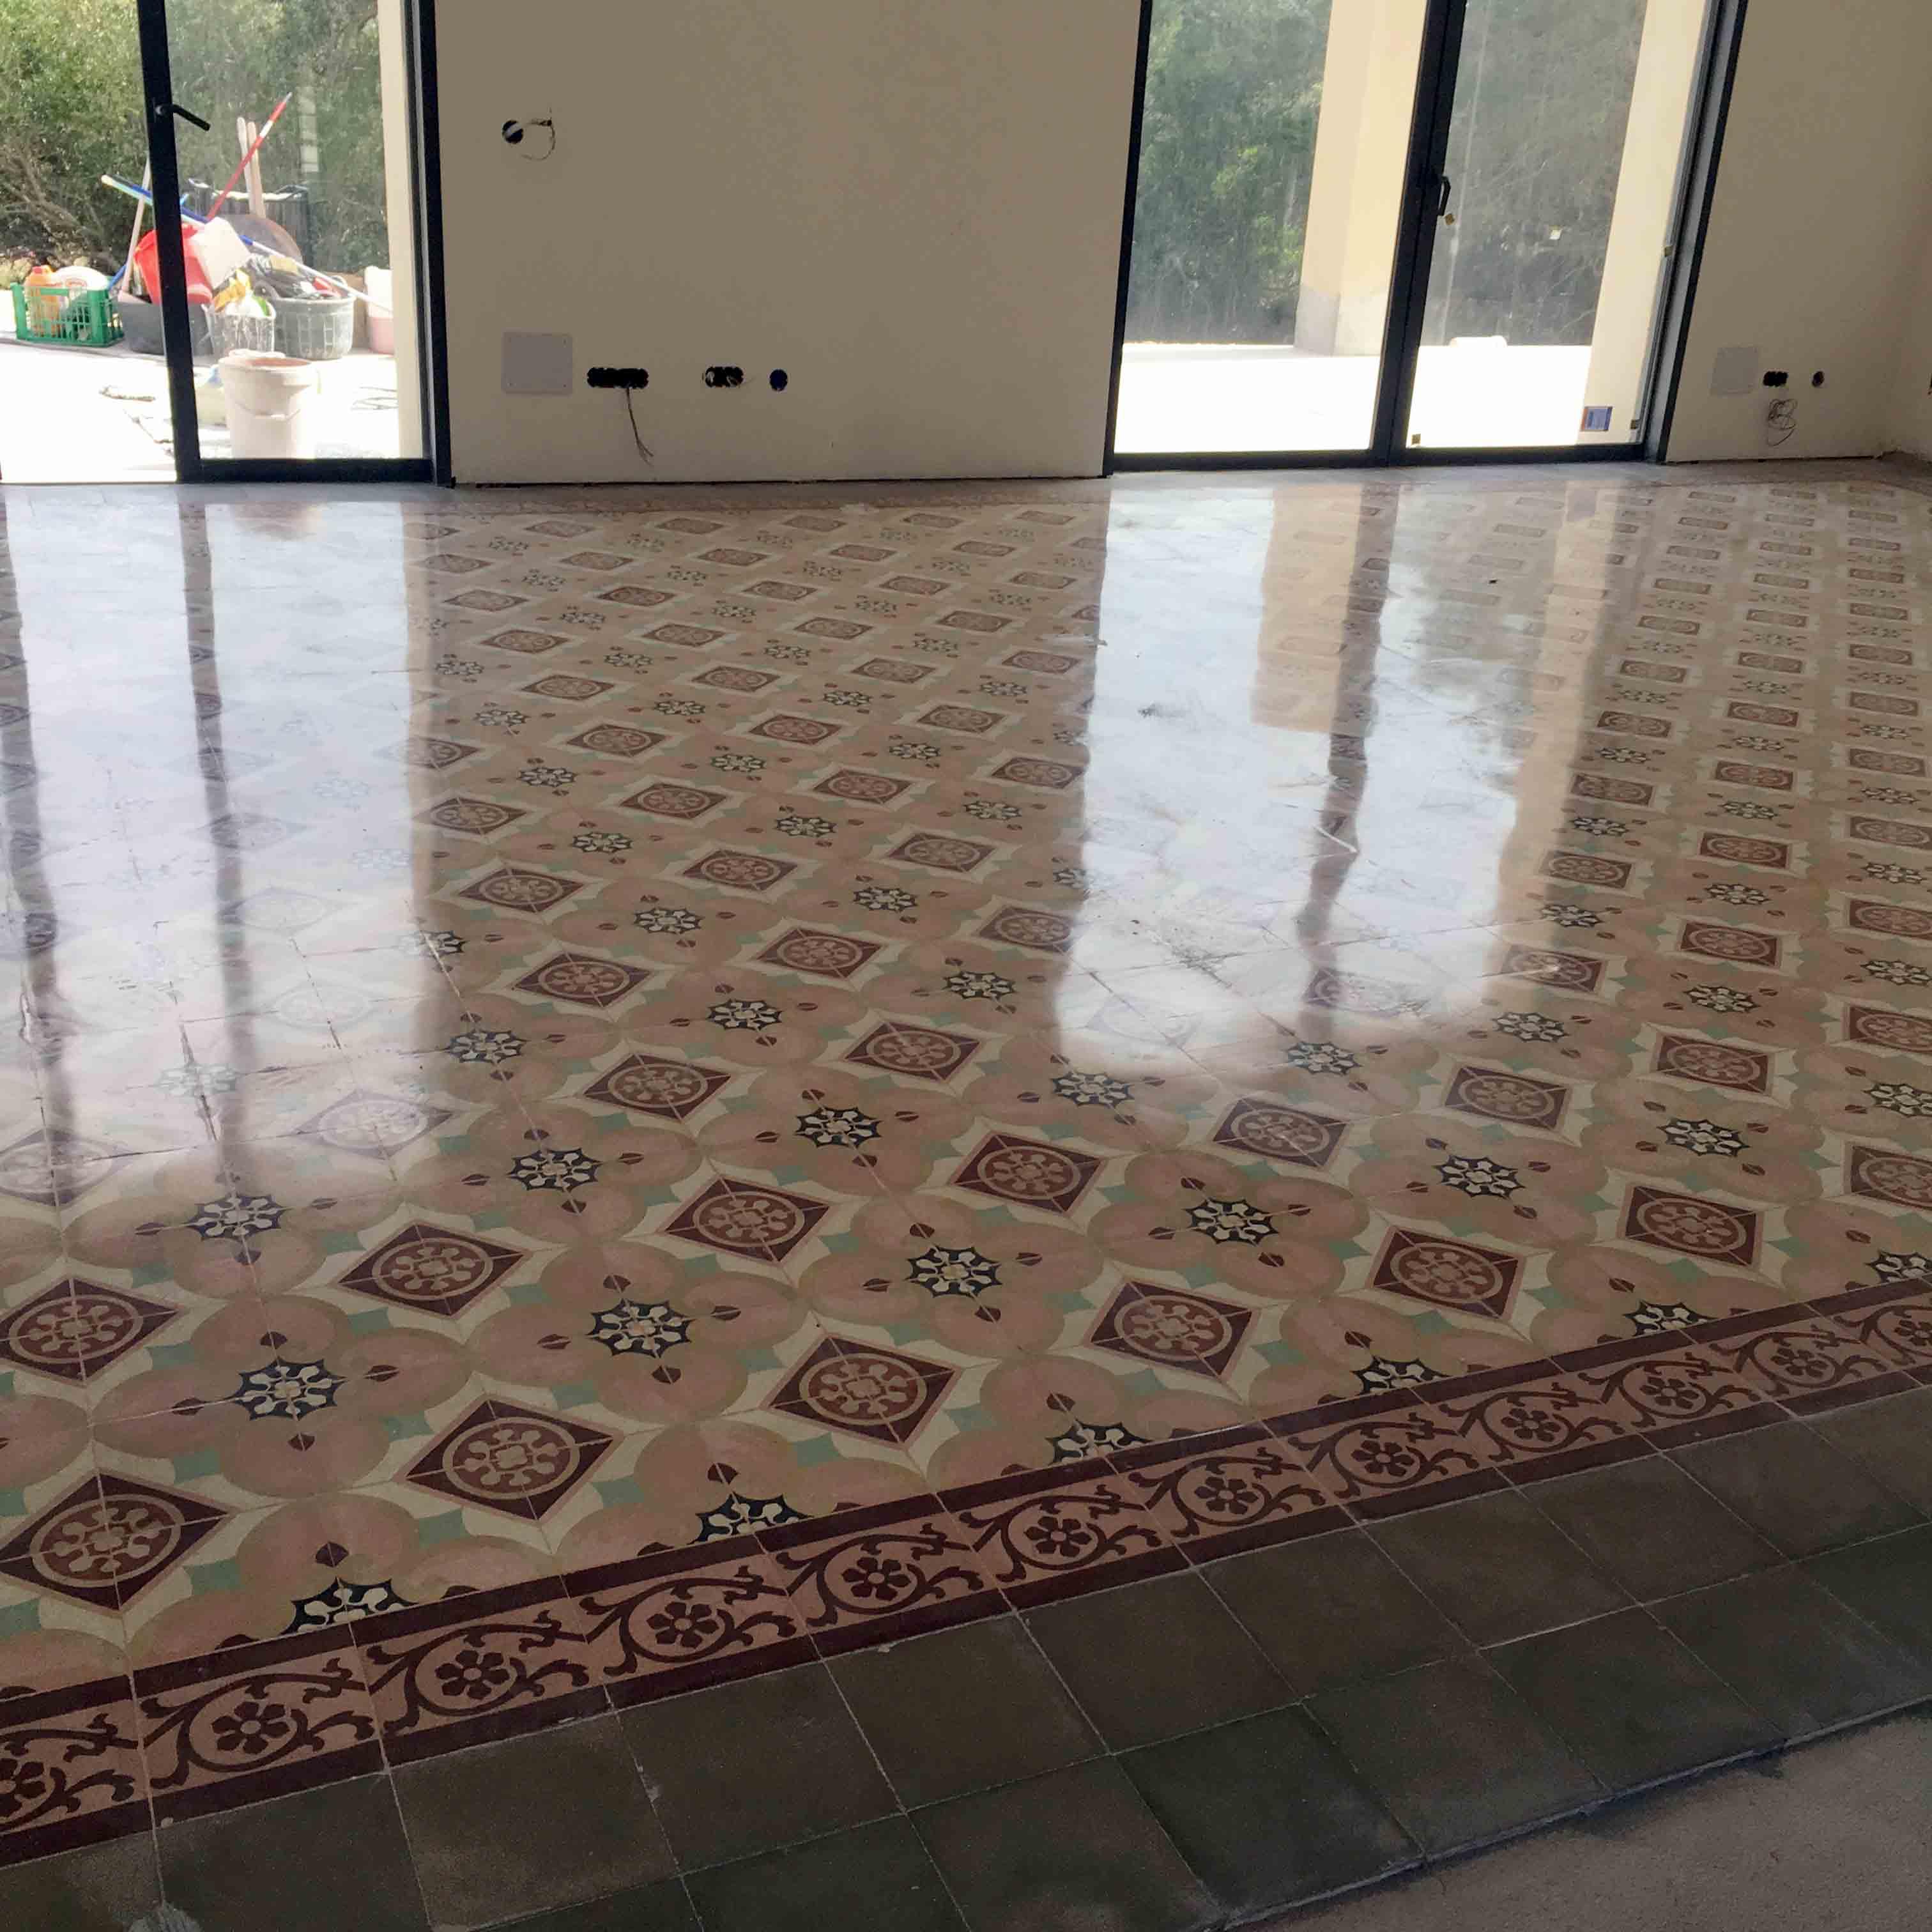 MosaicosBarcelona-Recuperacción-abrillantado-y-acristalado-de-suelos-de-mosaico-hidraulico-en-vivienda-en-Mallorca-Baleares-22